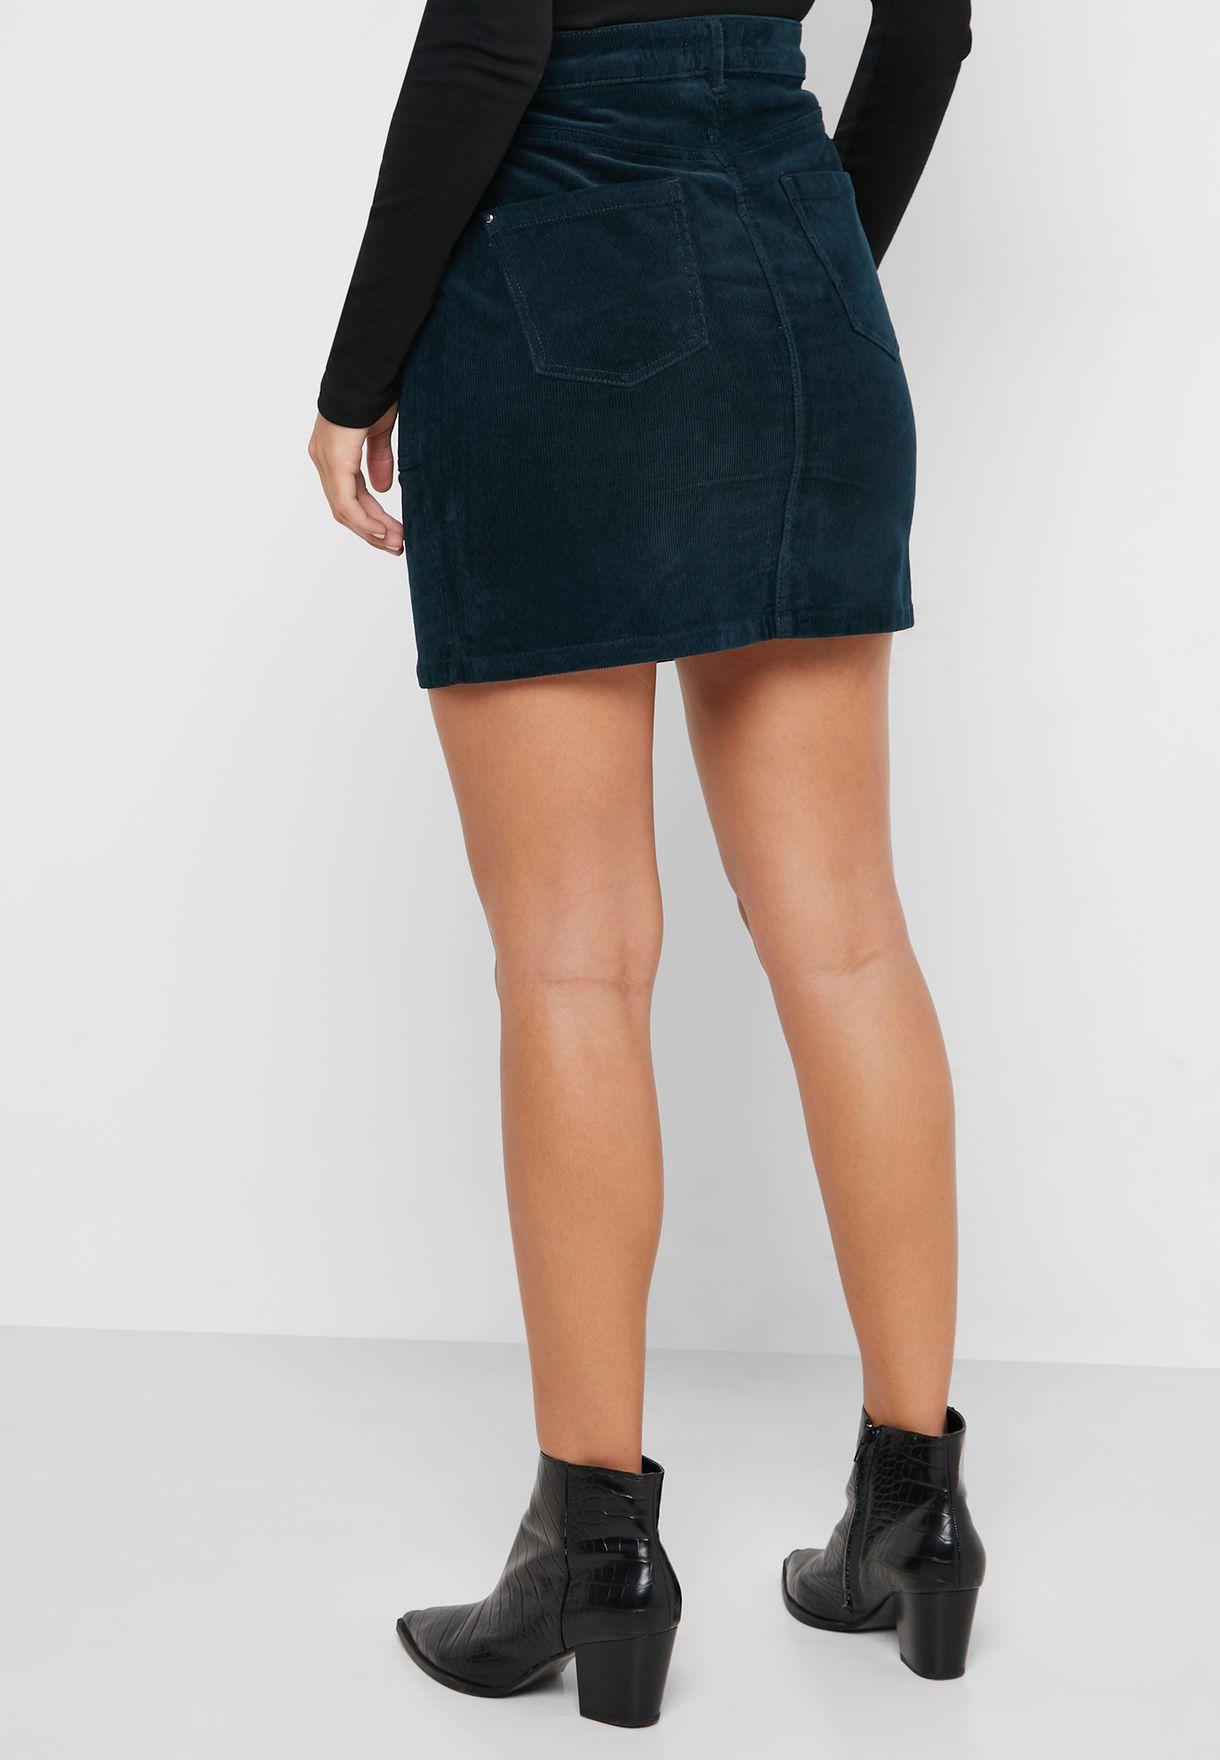 High Waist Pocket Detail Skirt